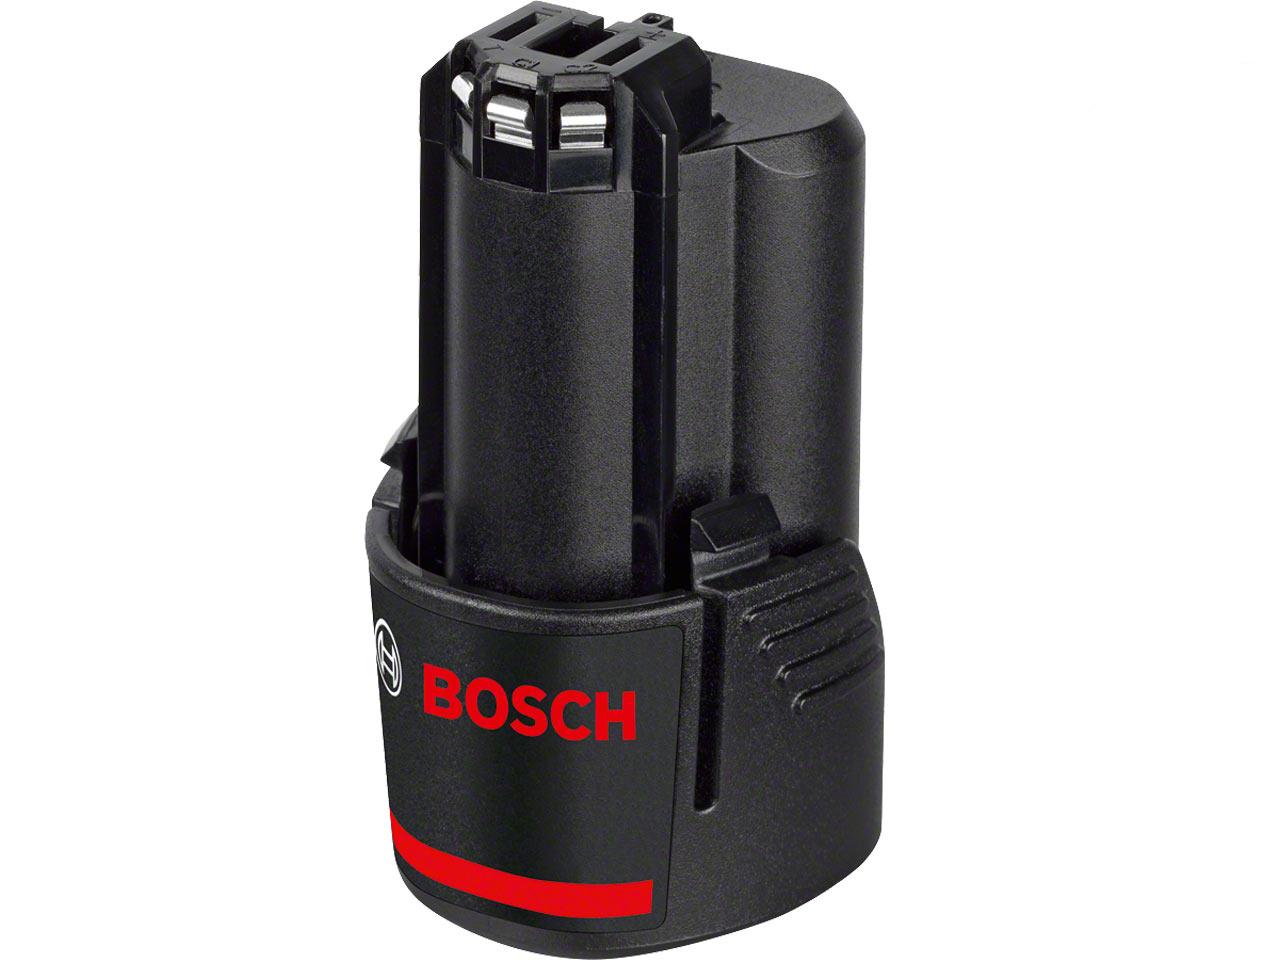 Bosch_1600Z0002X.jpg